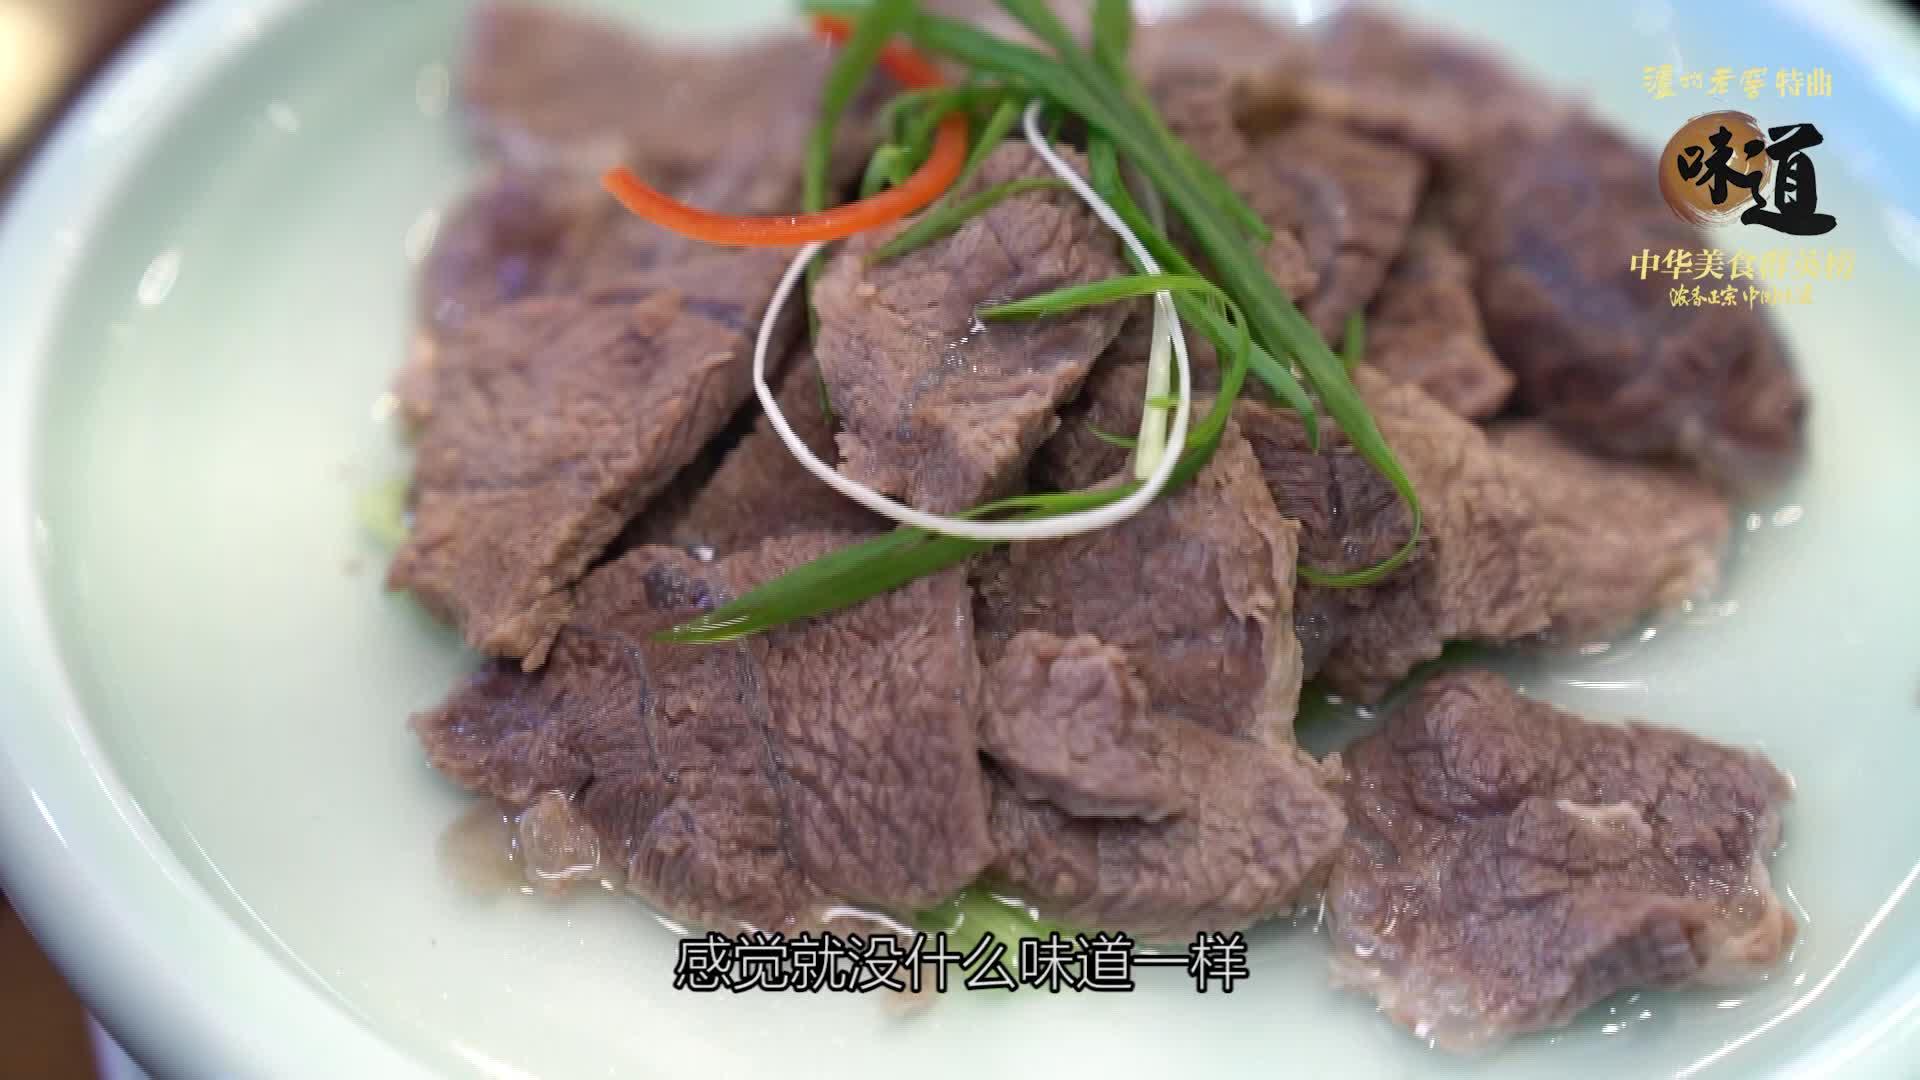 清水煮的牛肉 为何吃起来还有滋有味